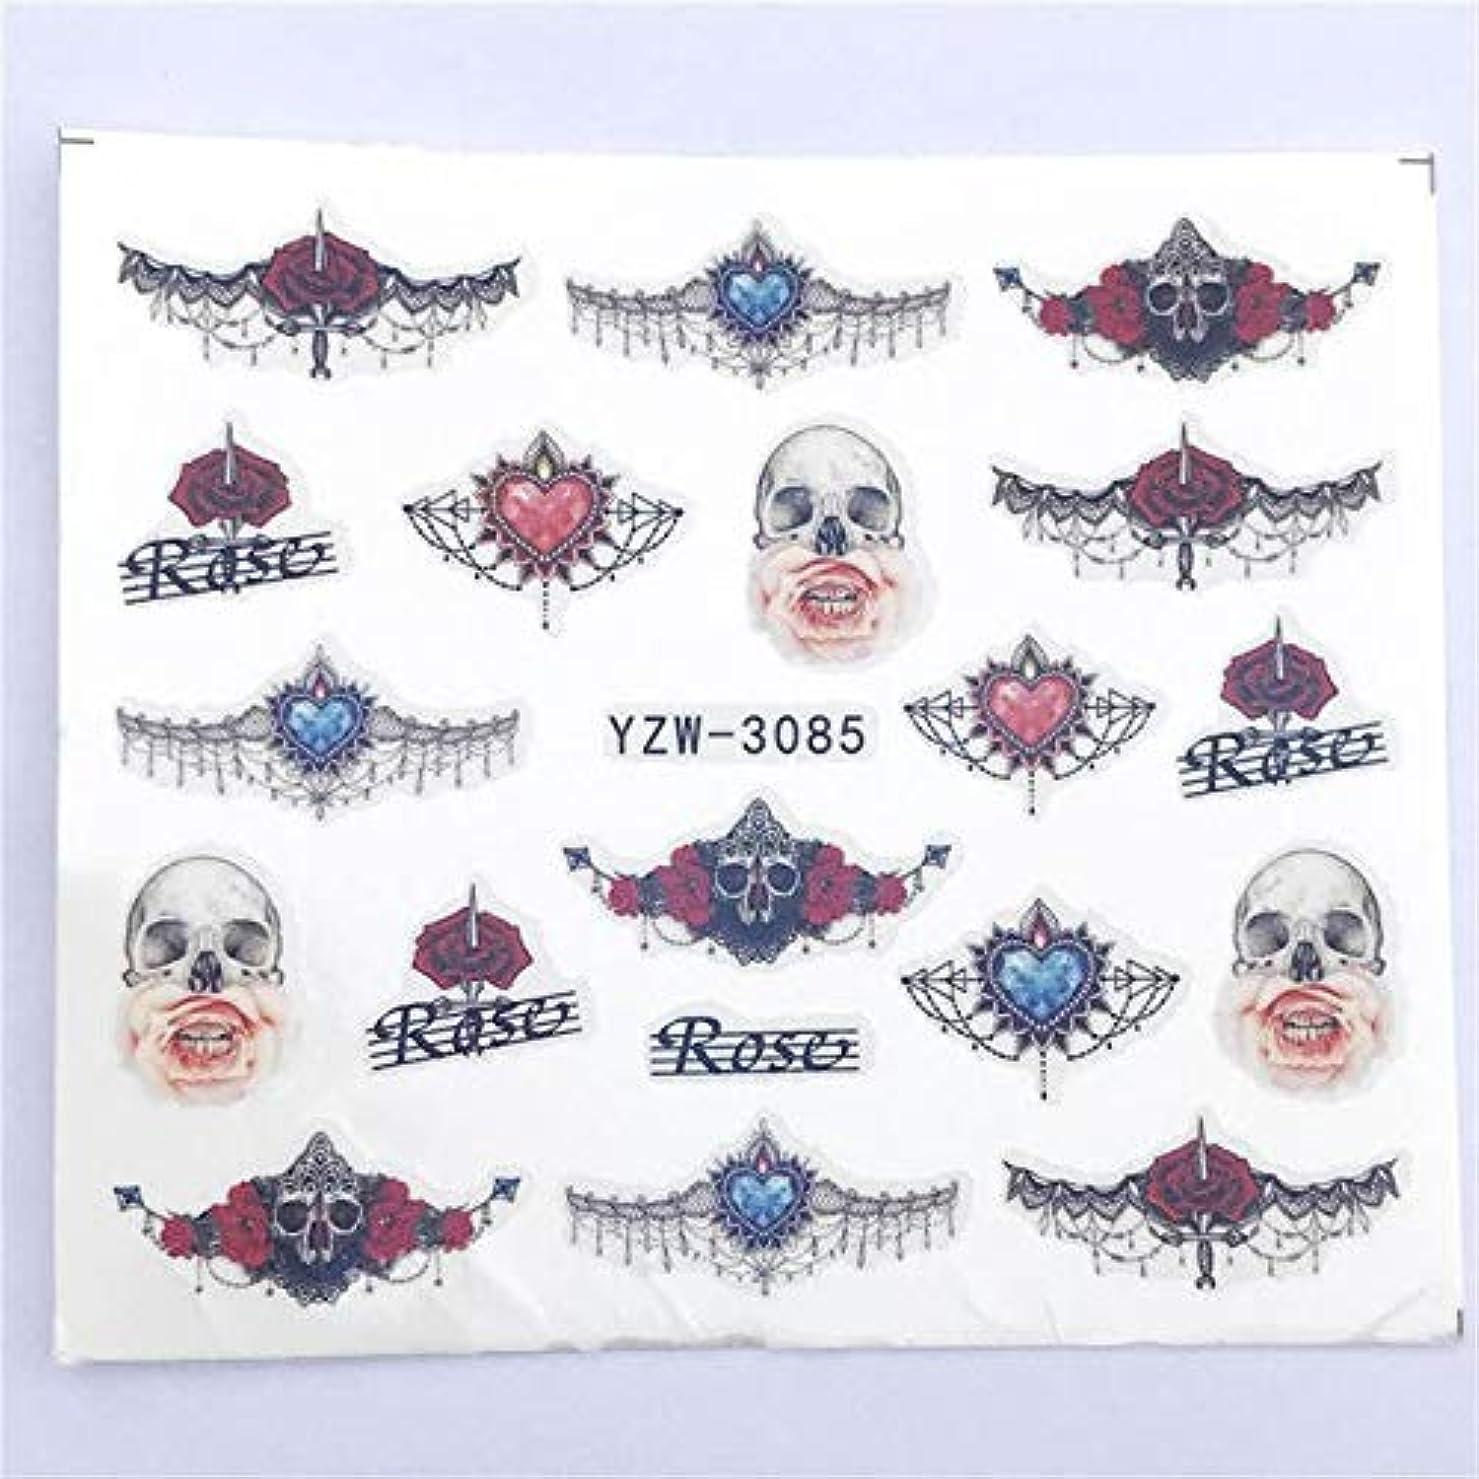 潜む雇用者卵SUKTI&XIAO ネイルステッカー 1枚の赤いバラとネイルアートの透かしタトゥーの装飾のためのヴィンテージのネックレスのデザインを組み合わせたネイルステッカー水デカール